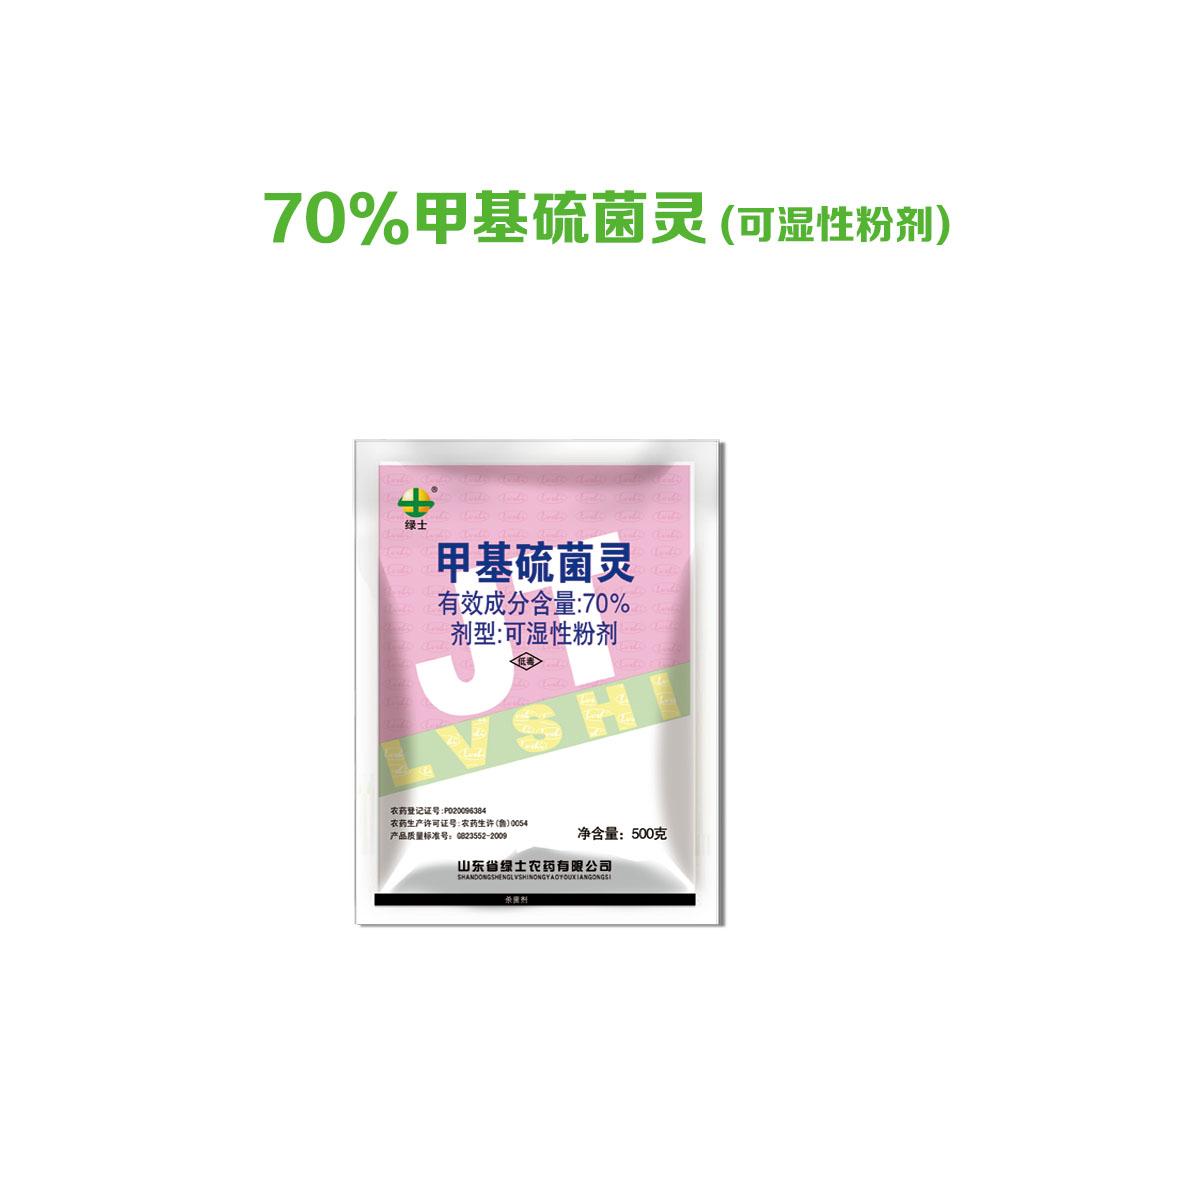 70%甲基硫菌灵